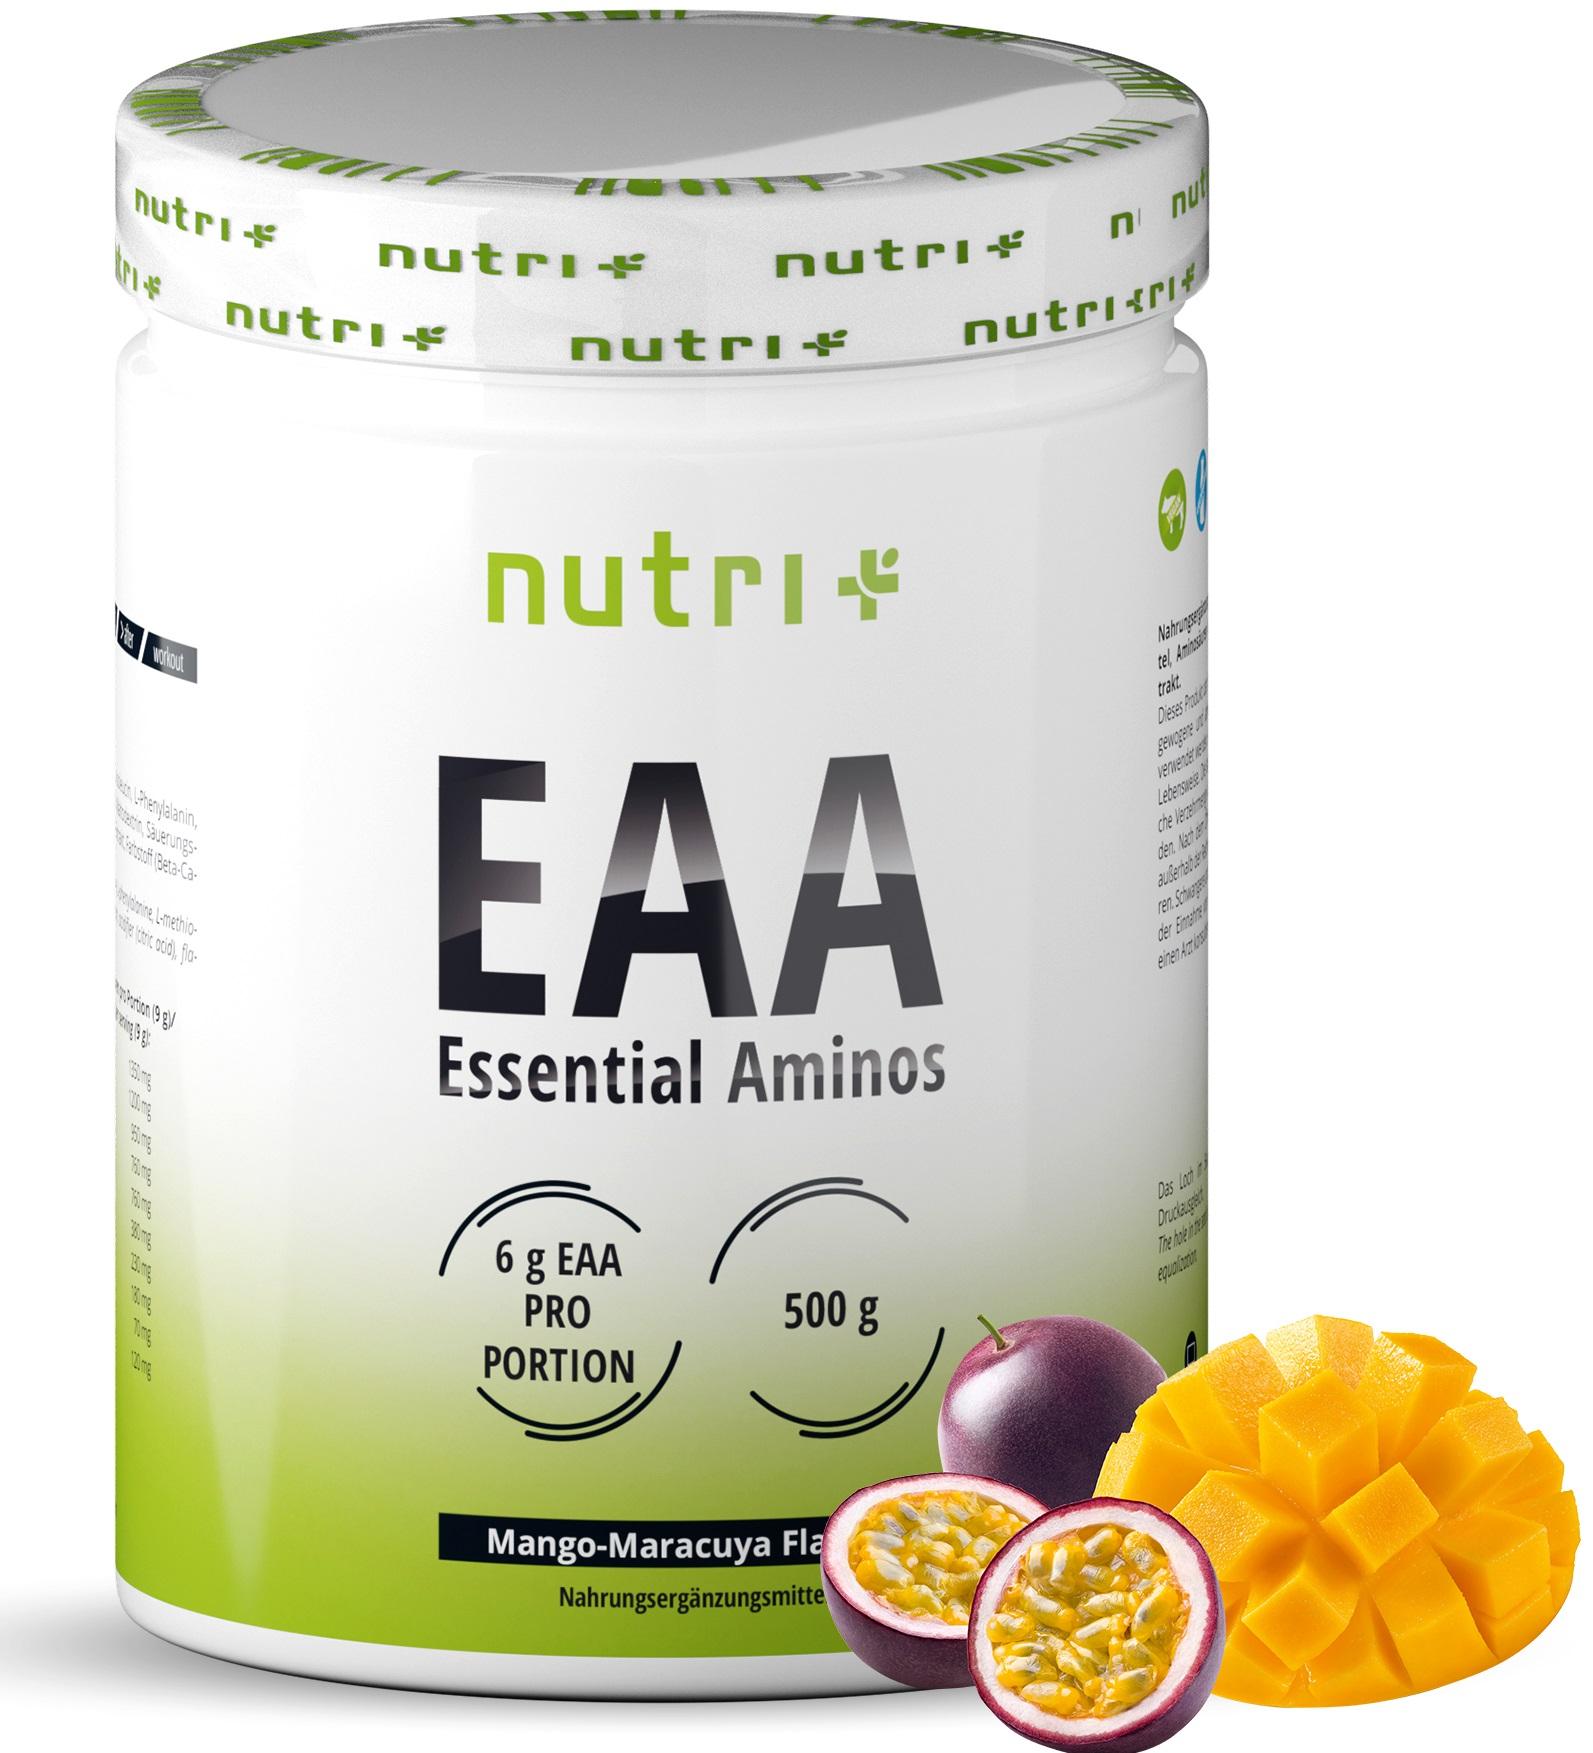 nutri+ EAA Instant Pulver